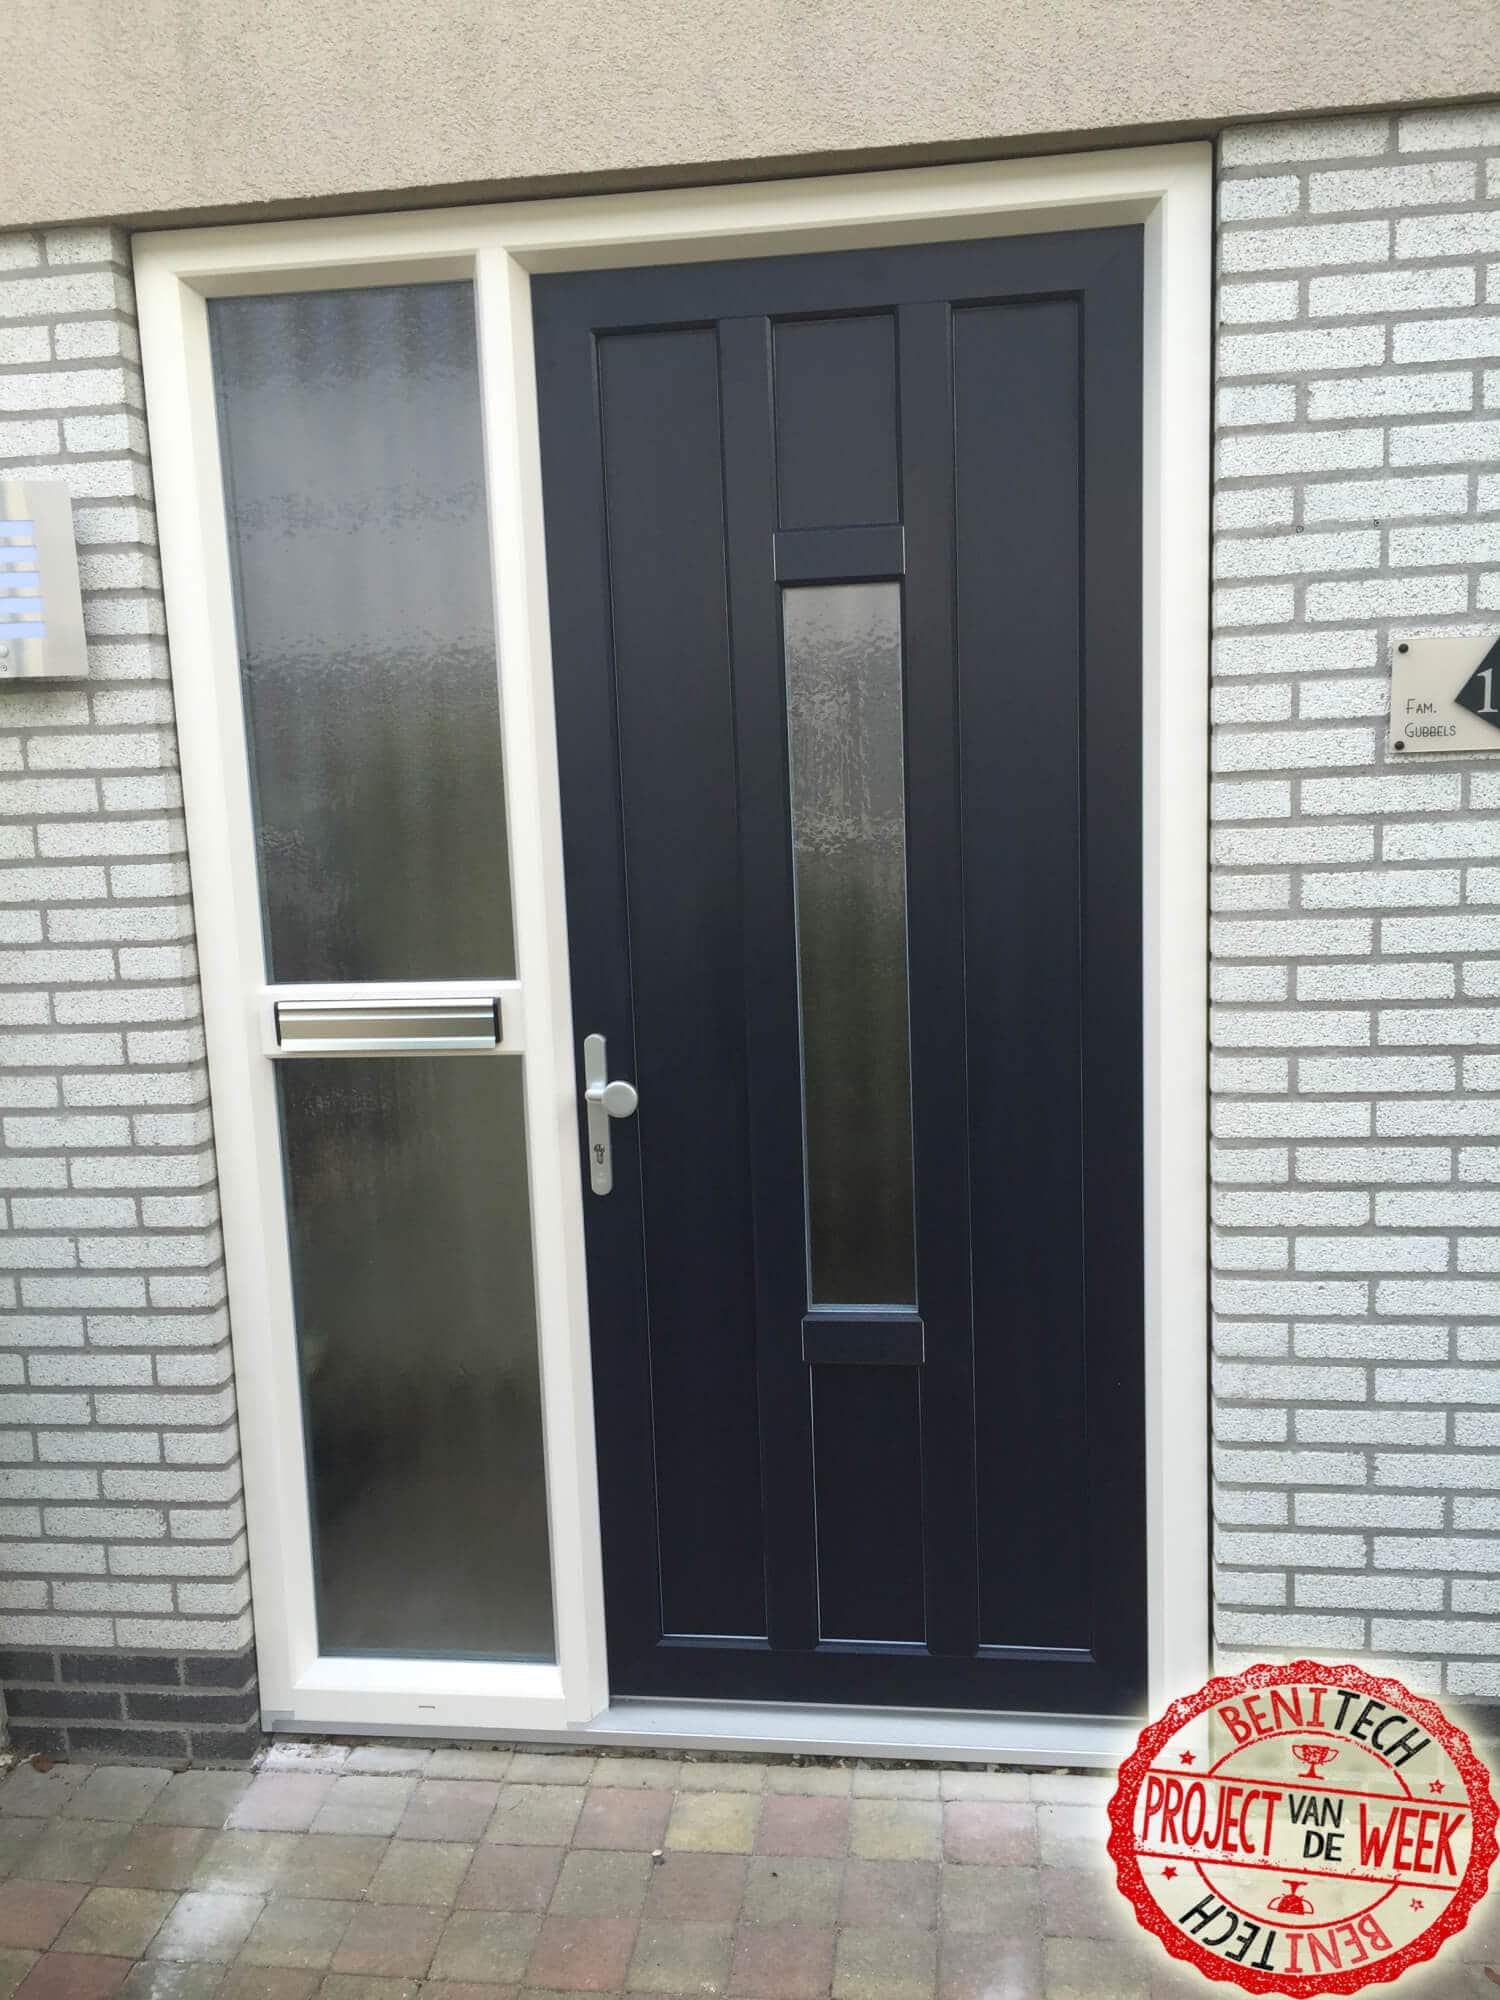 Deze week in het project van de week hebben we een prachtige kunststof voordeur met een veka topline profiel.